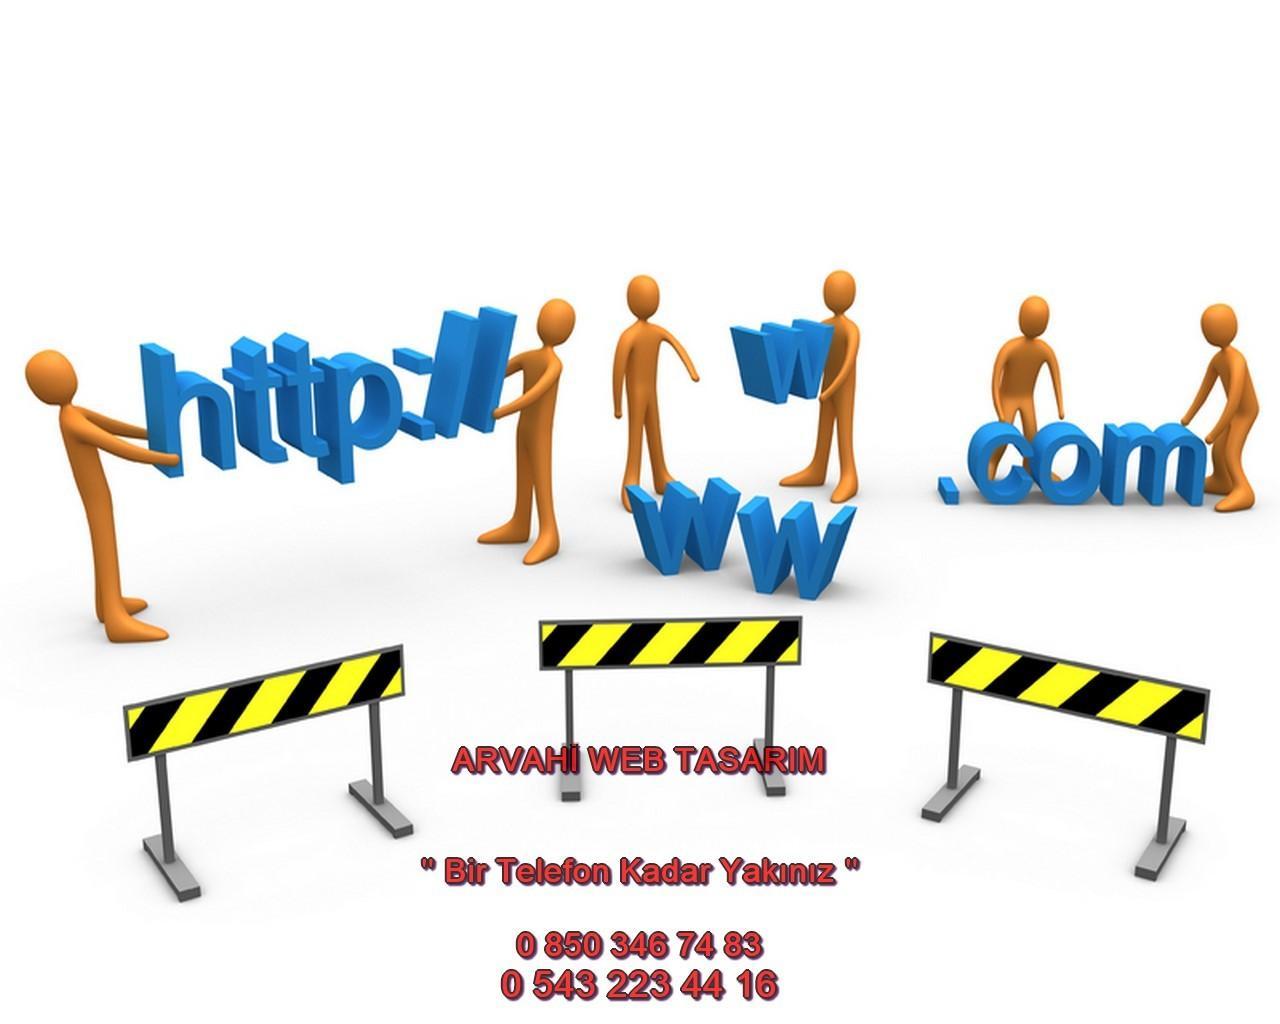 Arhavi Web Tasarım